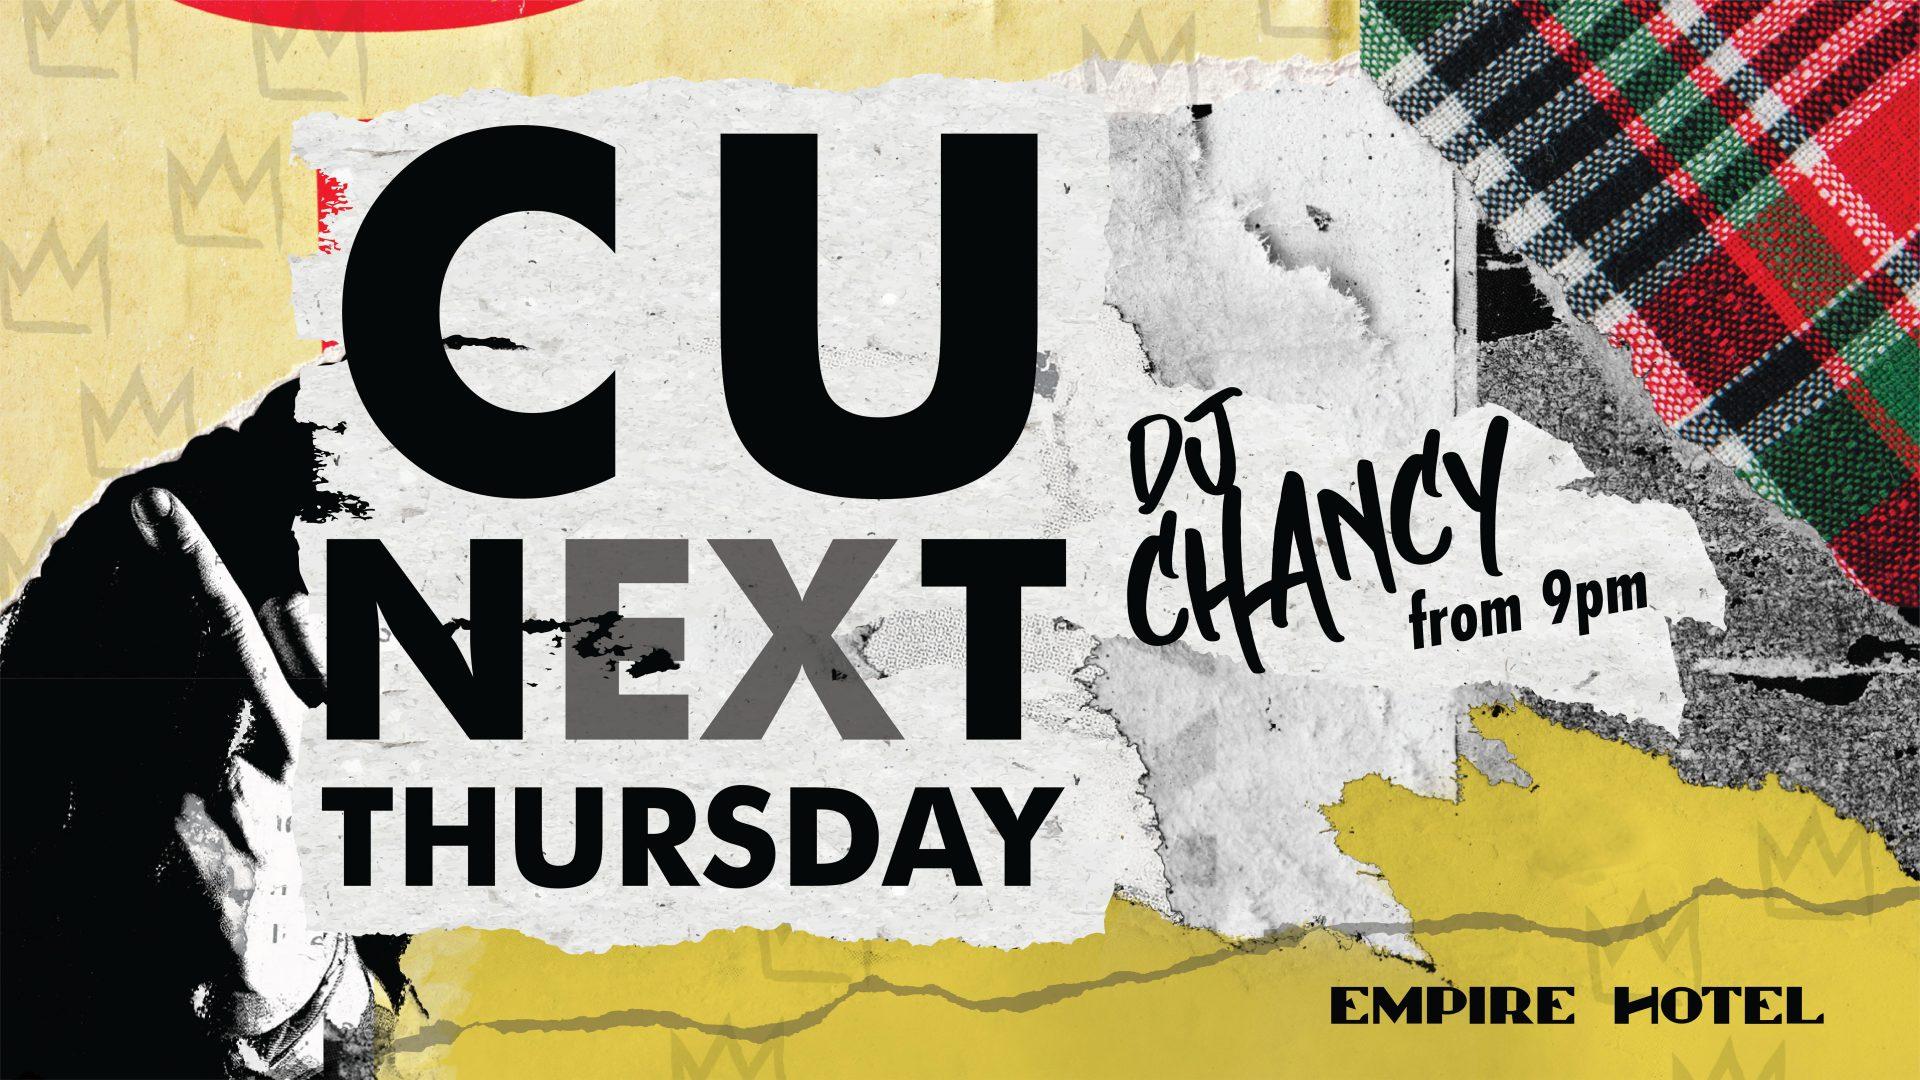 Empire C U Next Thursday